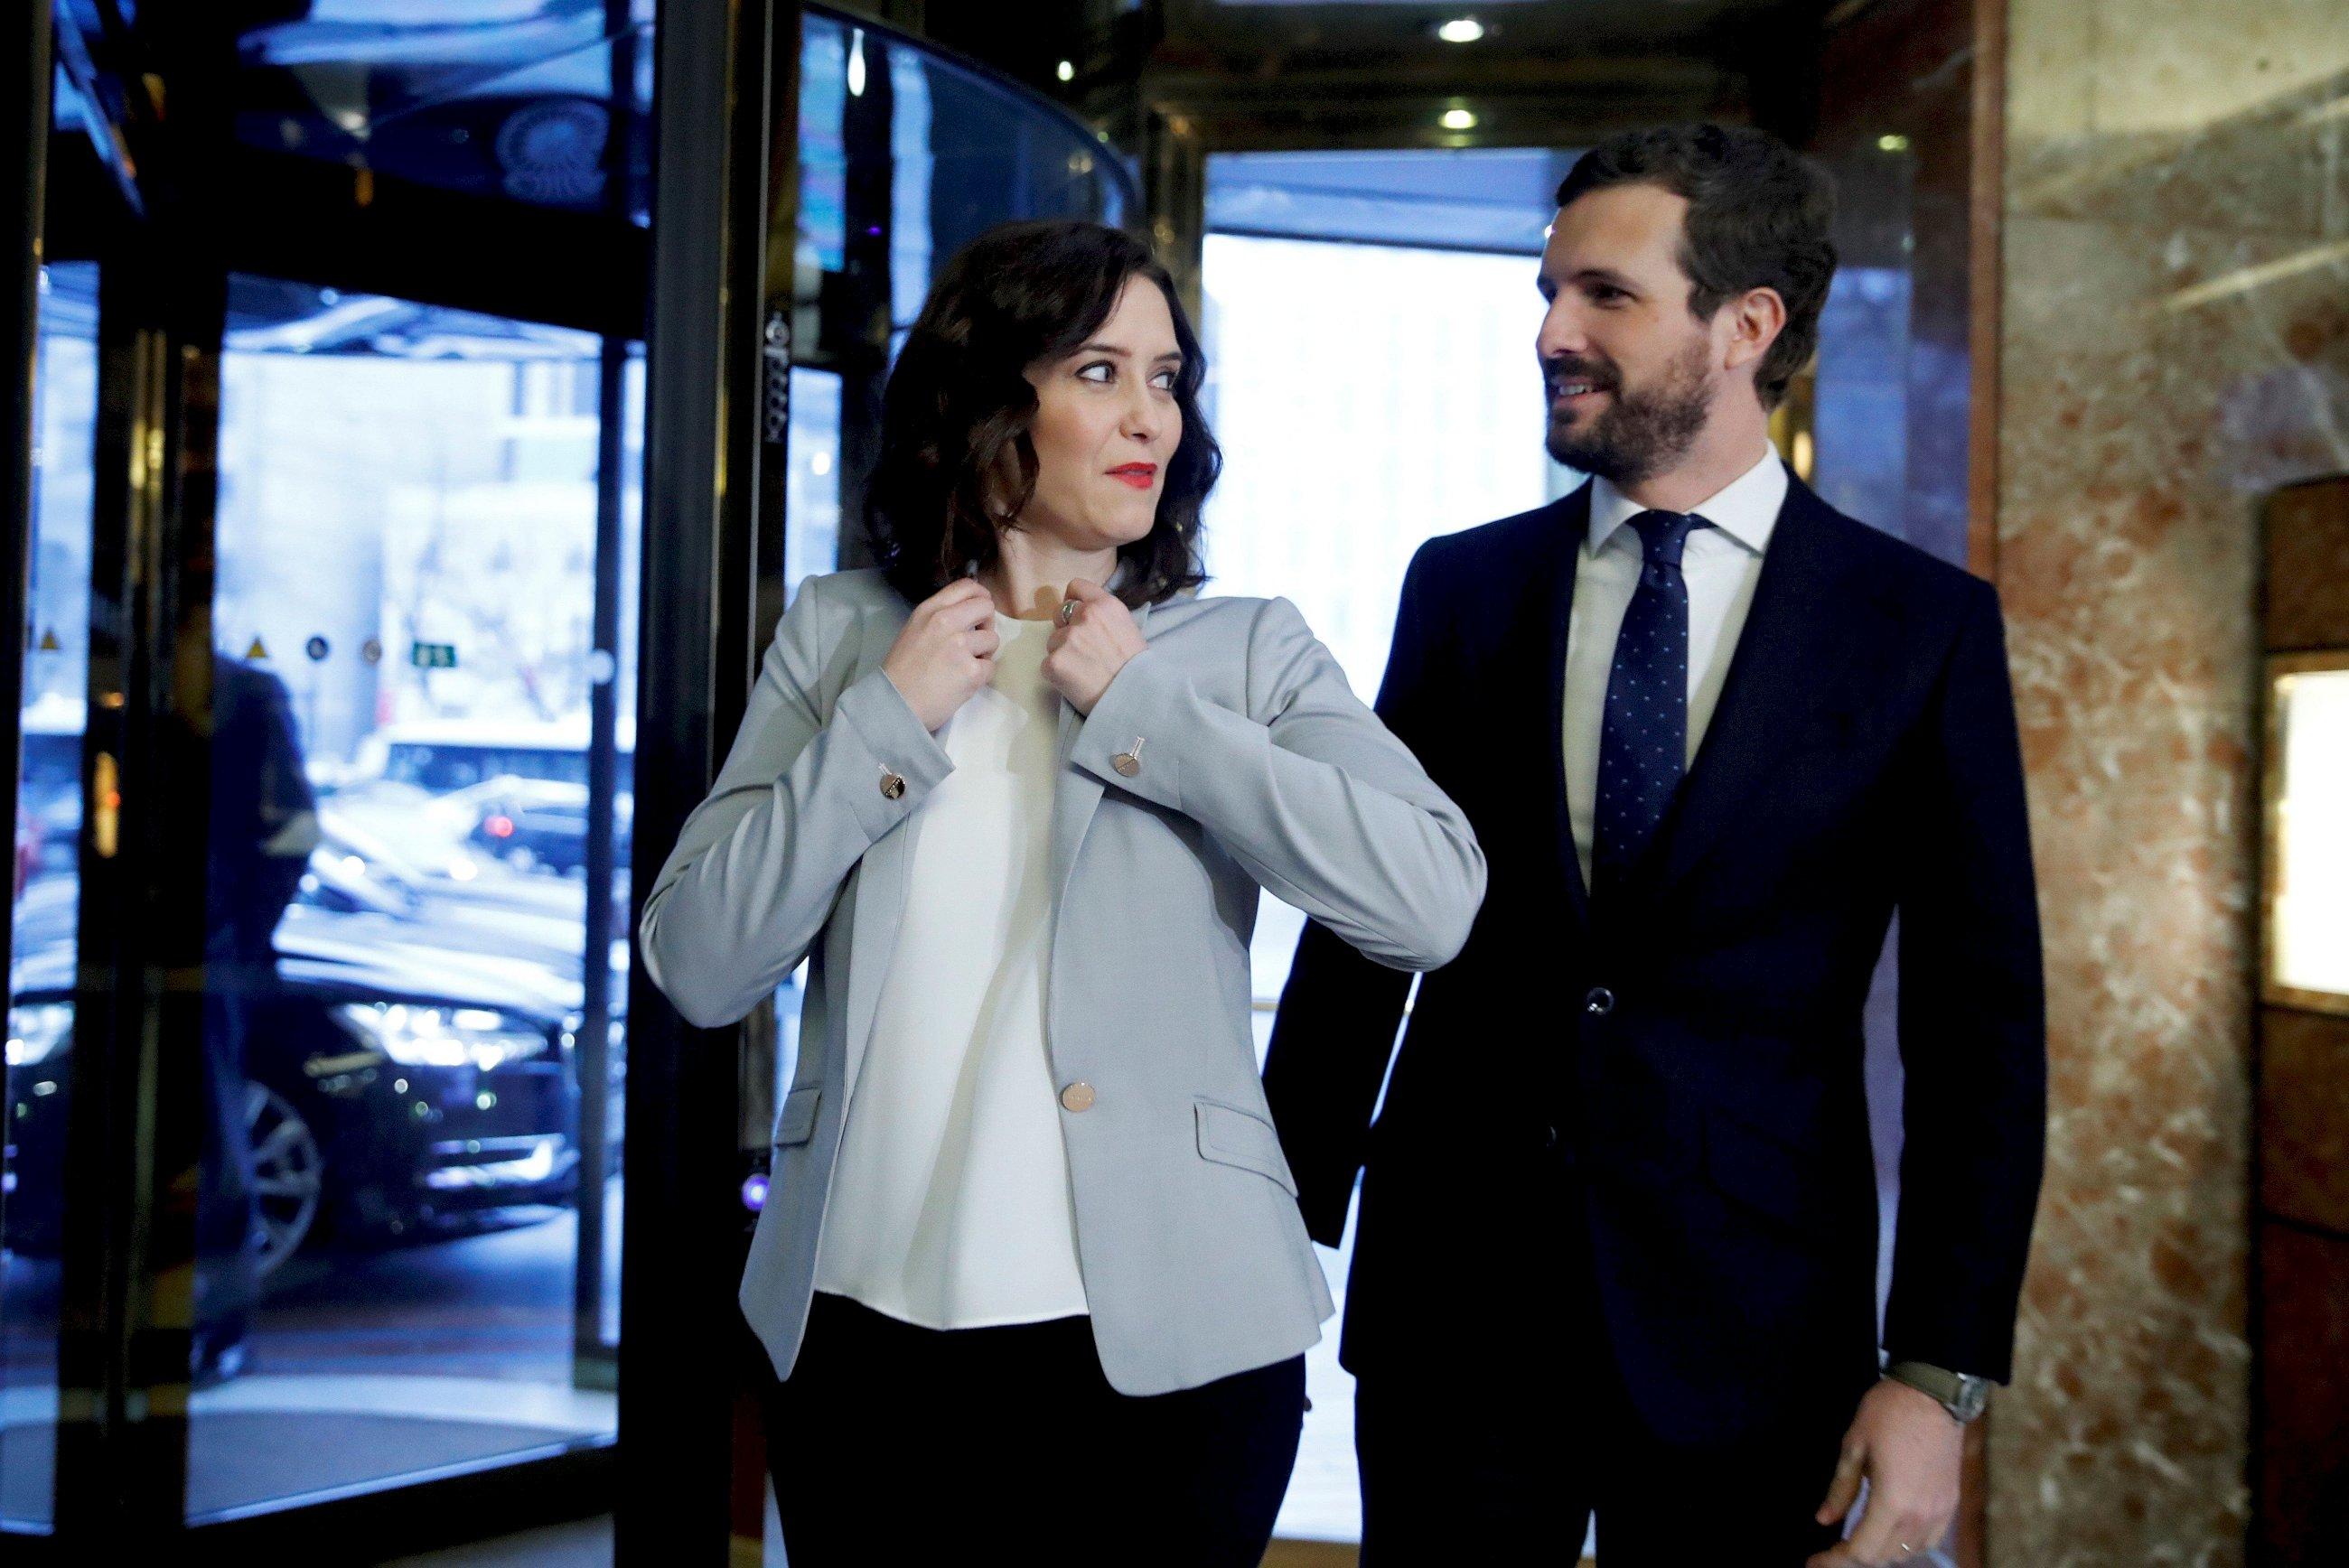 La presidenta de la Comunidad de Madrid, Isabel Díaz Ayuso, junto al líder del PP, Pablo Casado. EFE